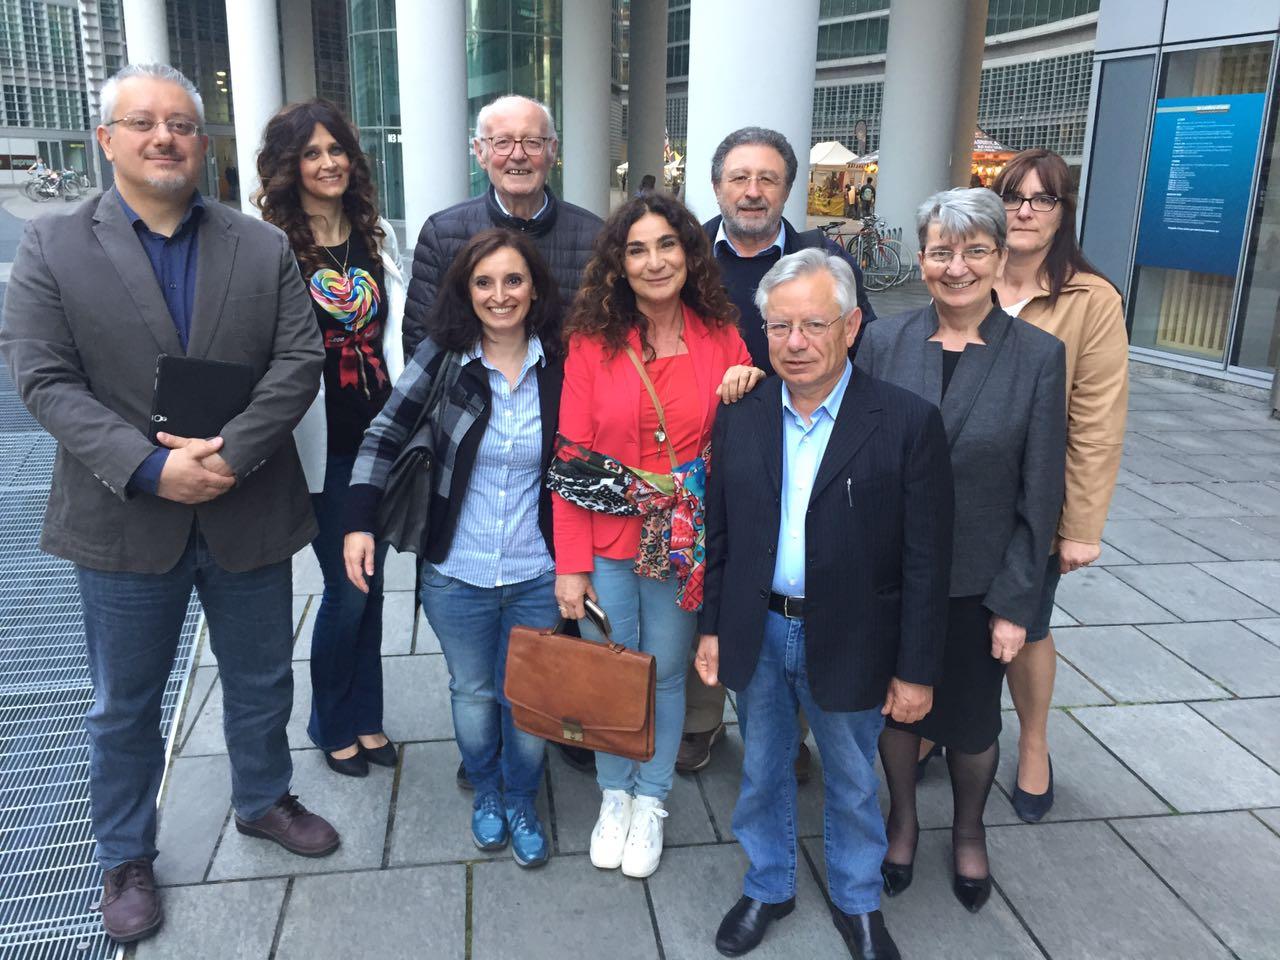 Trattamento dializzati Carate e Seregno: bene le promesse dell'assessore, ora i fatti